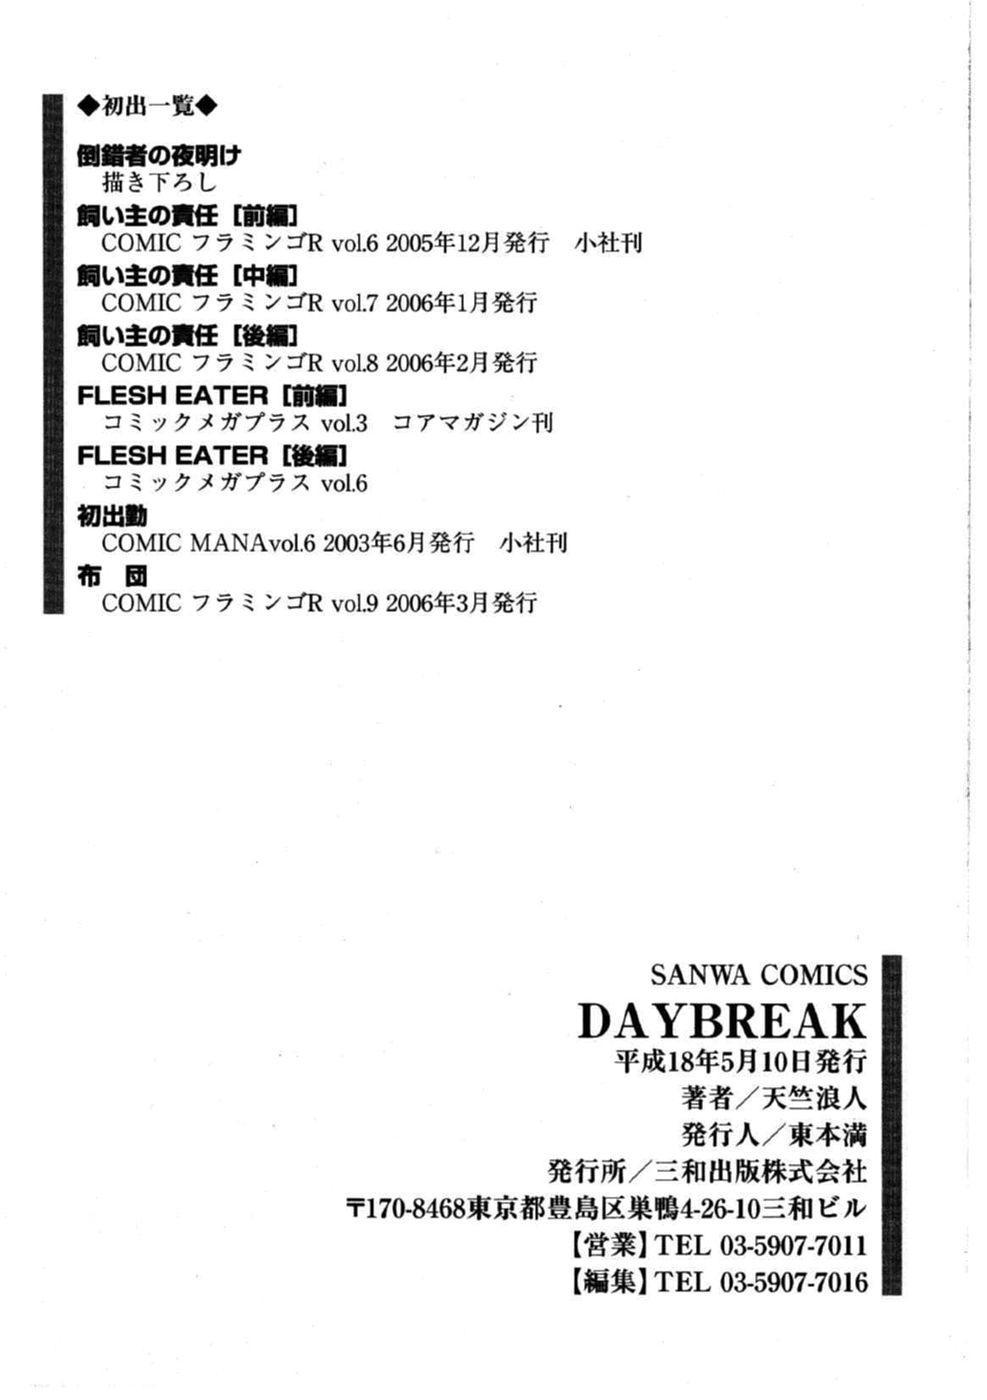 Daybreak 180